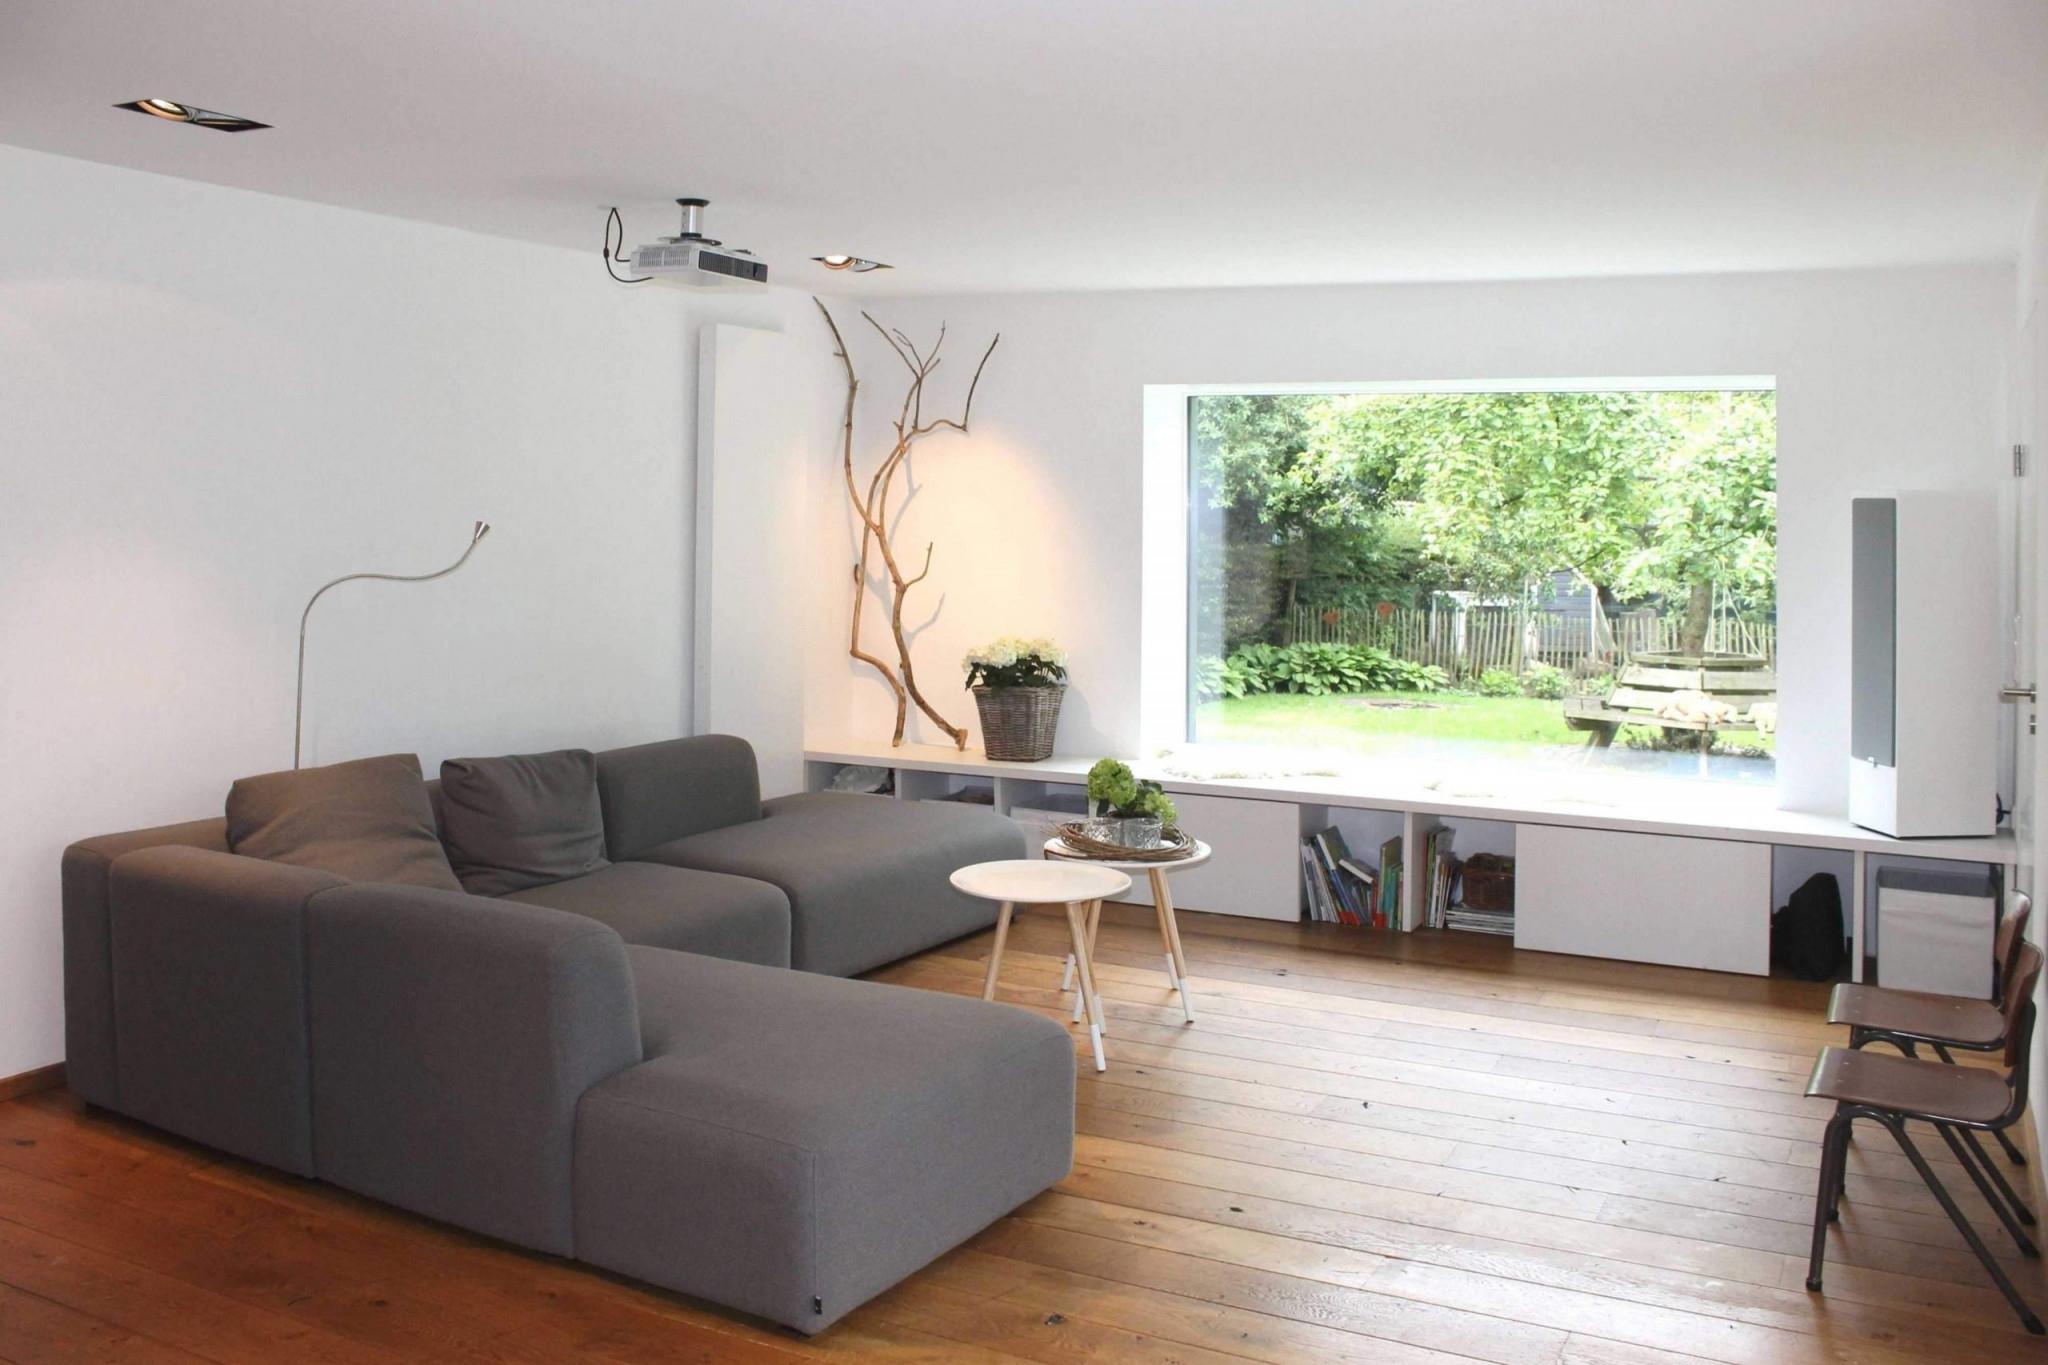 27 Elegant Leinwandbilder Wohnzimmer Genial  Wohnzimmer Frisch von Bilder Im Wohnzimmer Bild